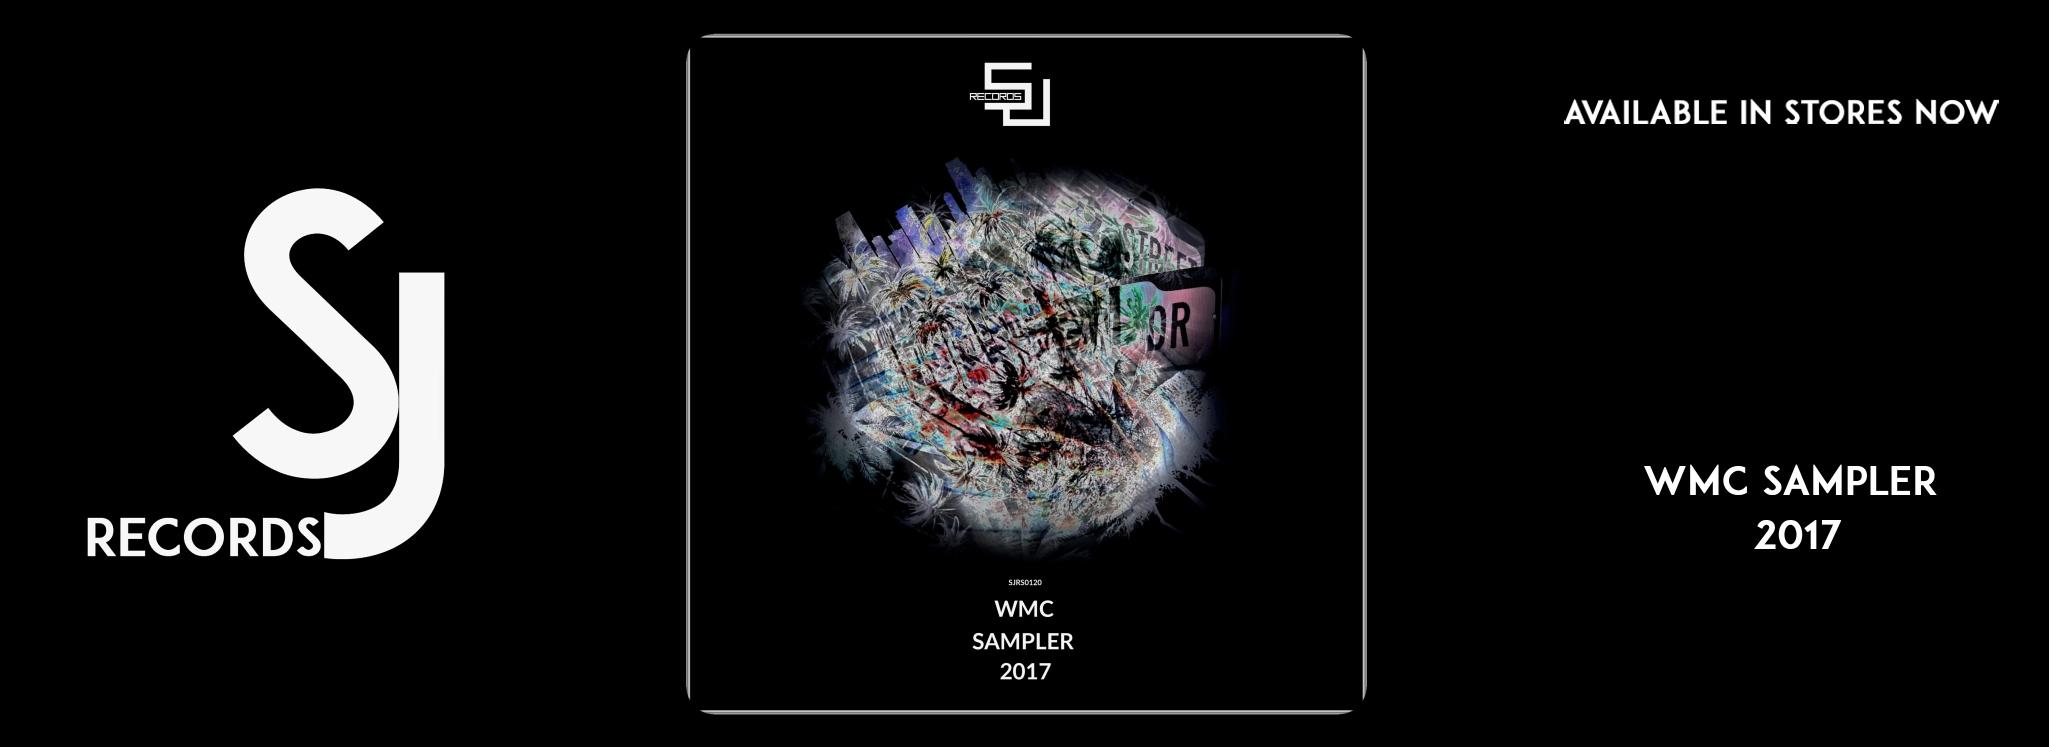 wmc-sampler-slide-3